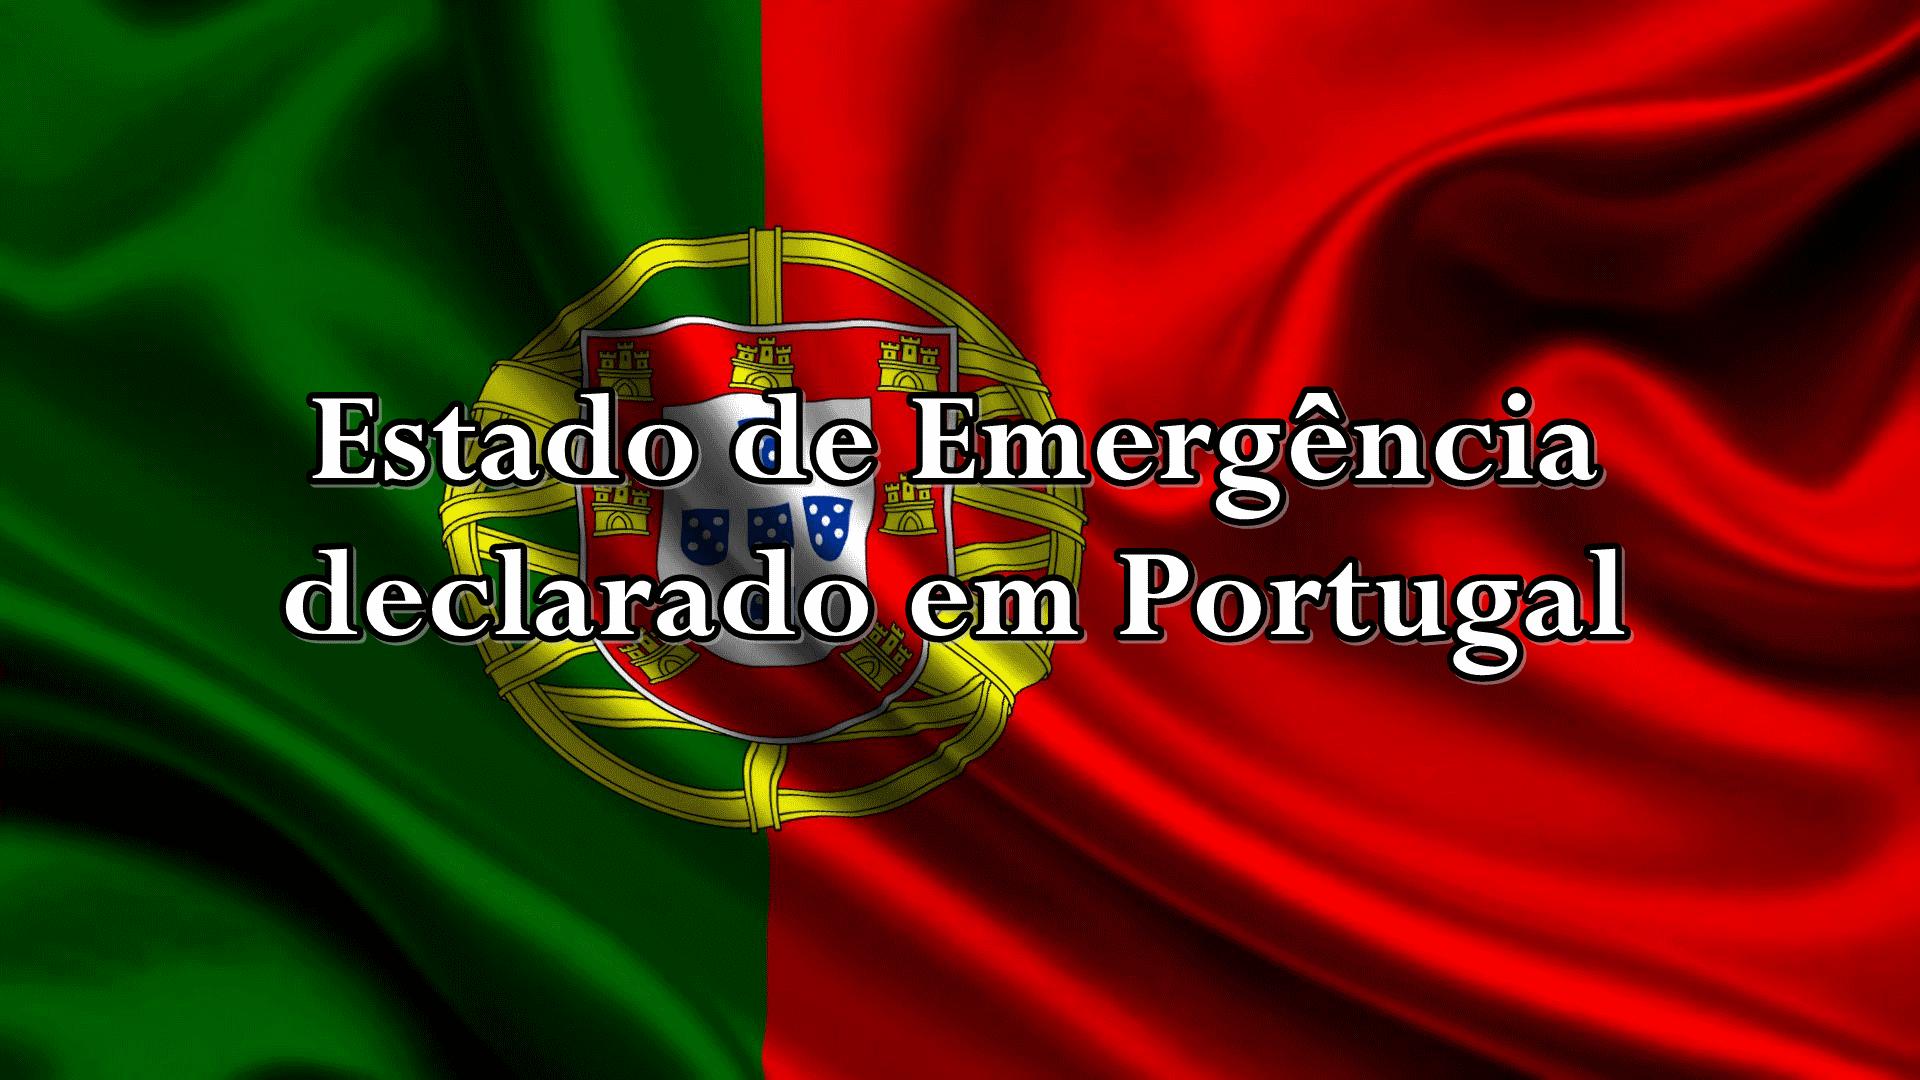 CoronaVírus ou COVID-19 - Estado de Emergência declarado em Portugal